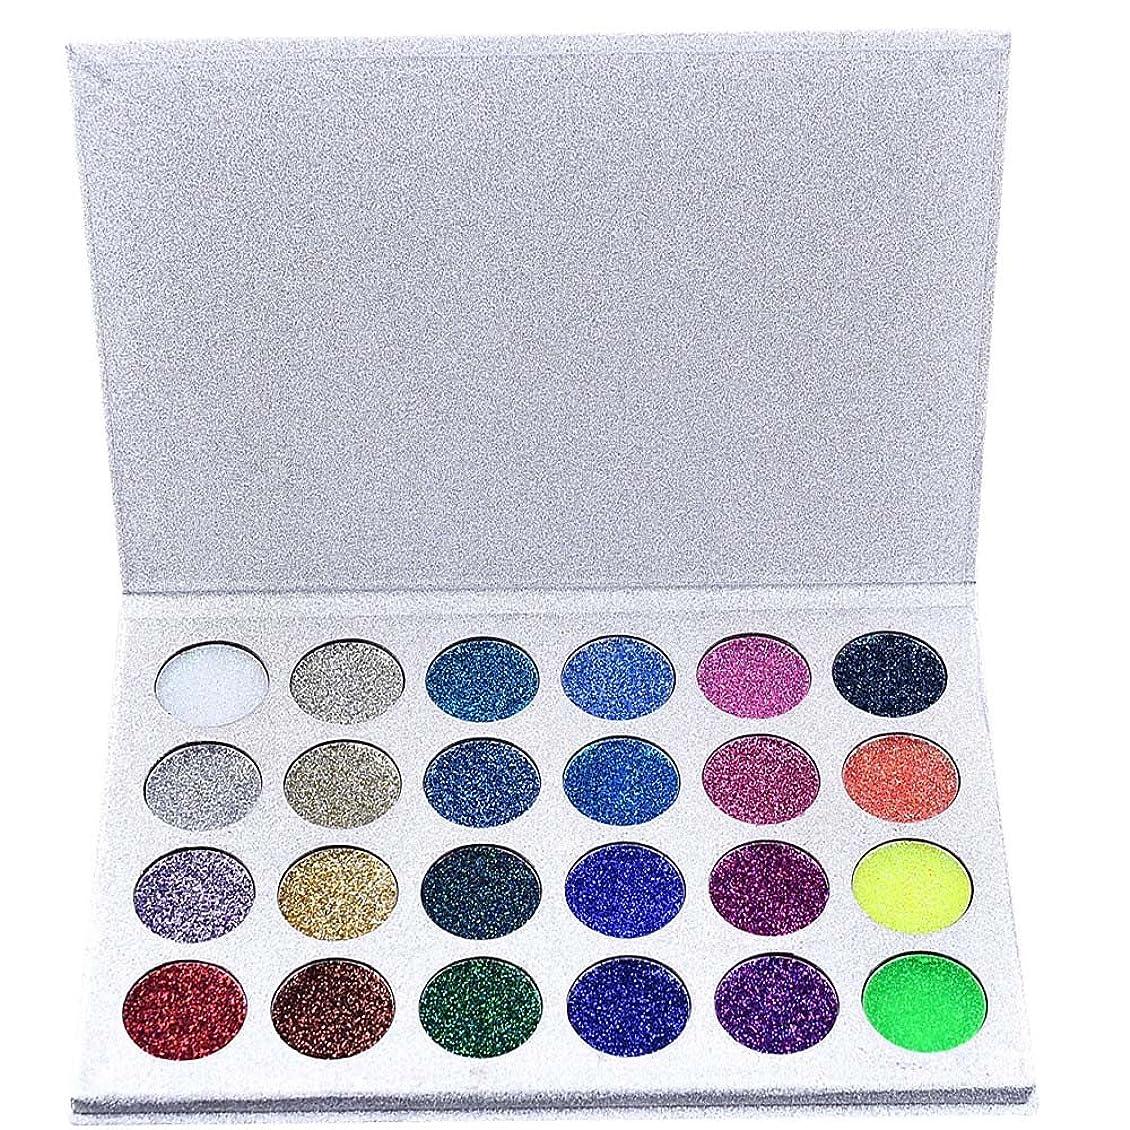 ストライプながら不従順24色化粧品パウダーアイシャドーパレットメイクナチュラルシマーマットセット